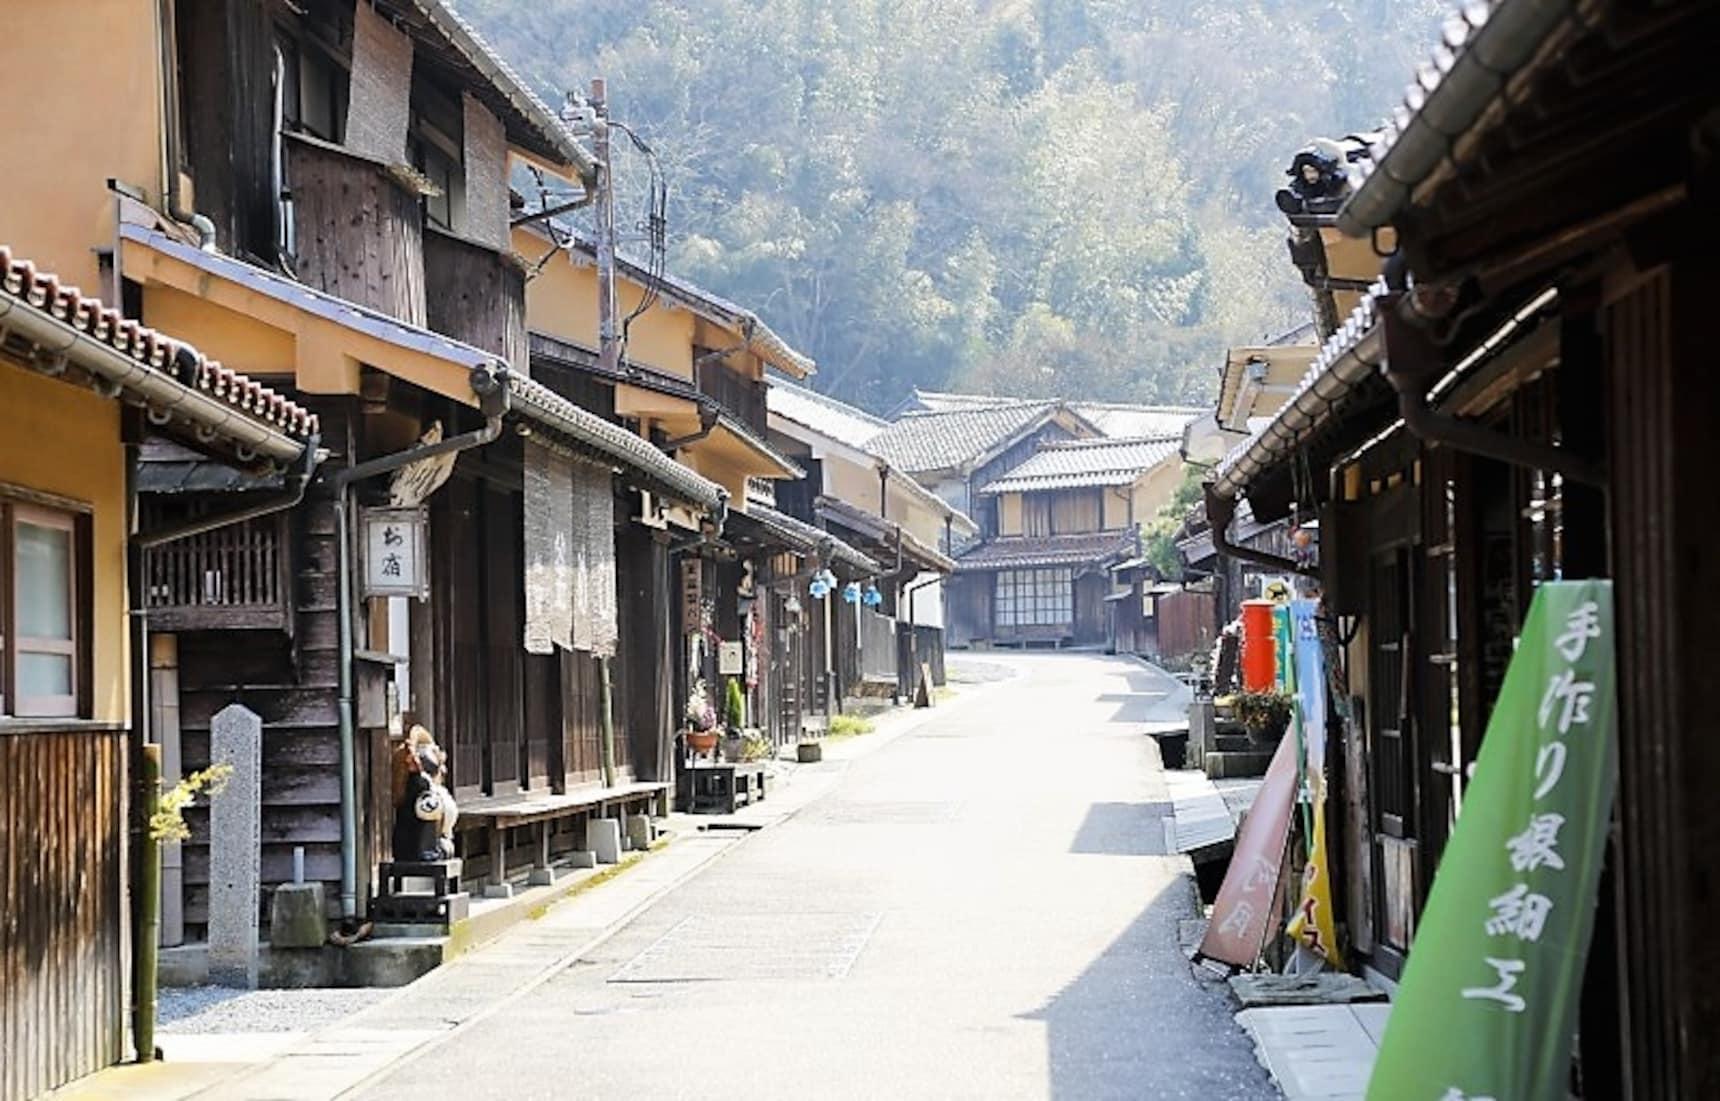 入住世界遺產「石見銀山」,實踐島根「大森町」與歷史共存的生活哲學